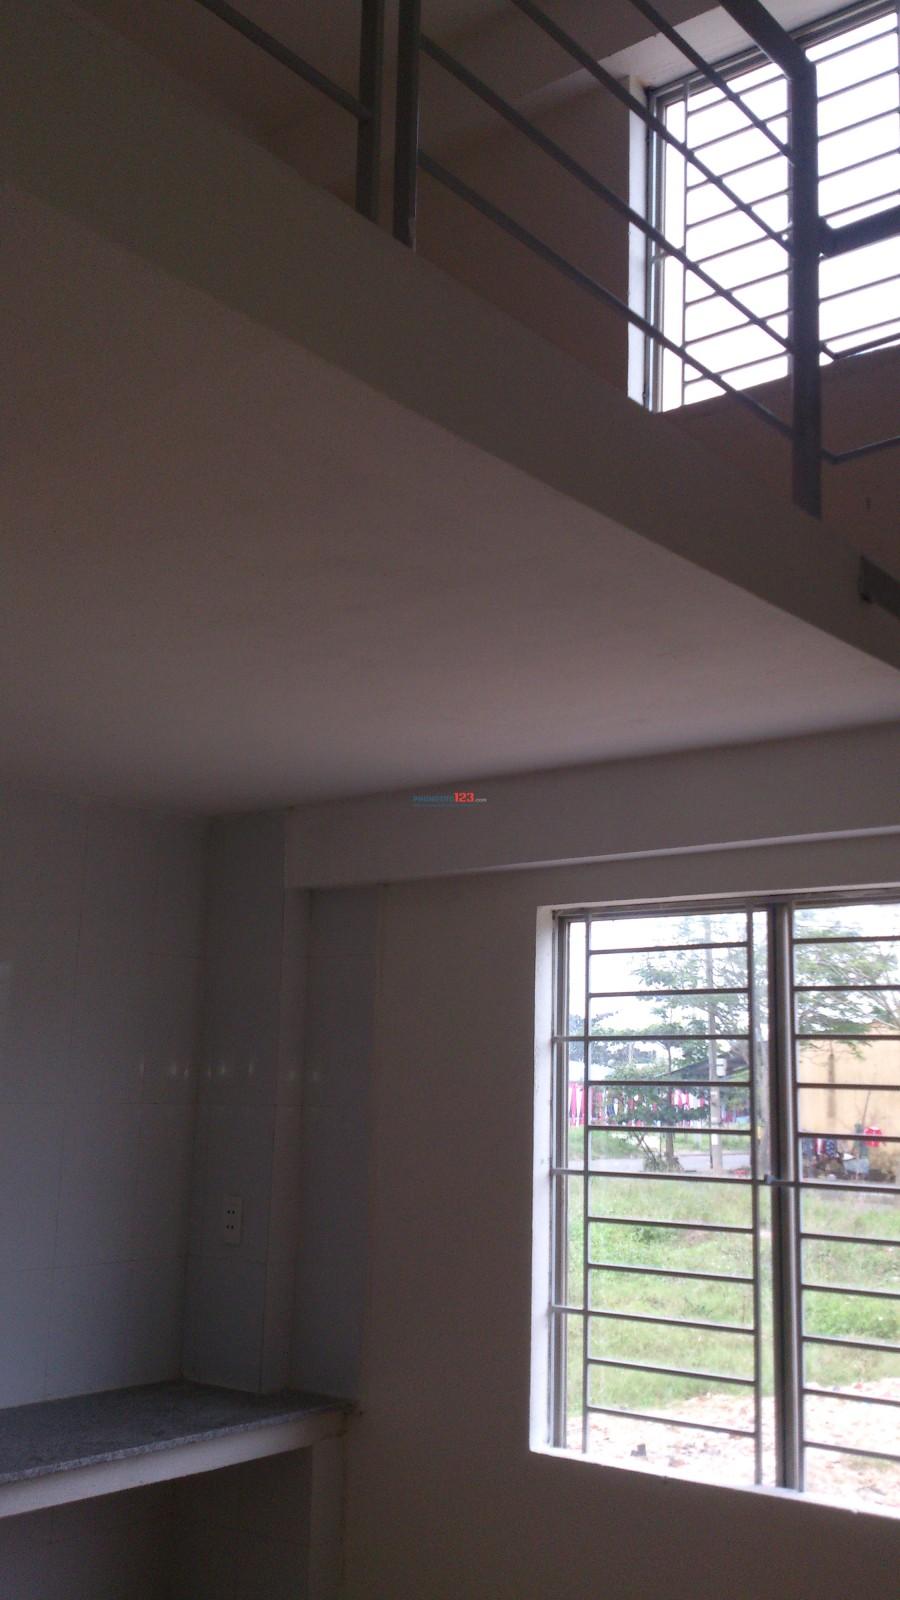 Cho thuê phòng trọ mới xây nhà đẹp, giá hợp lý ở quận Ngũ Hành Sơn